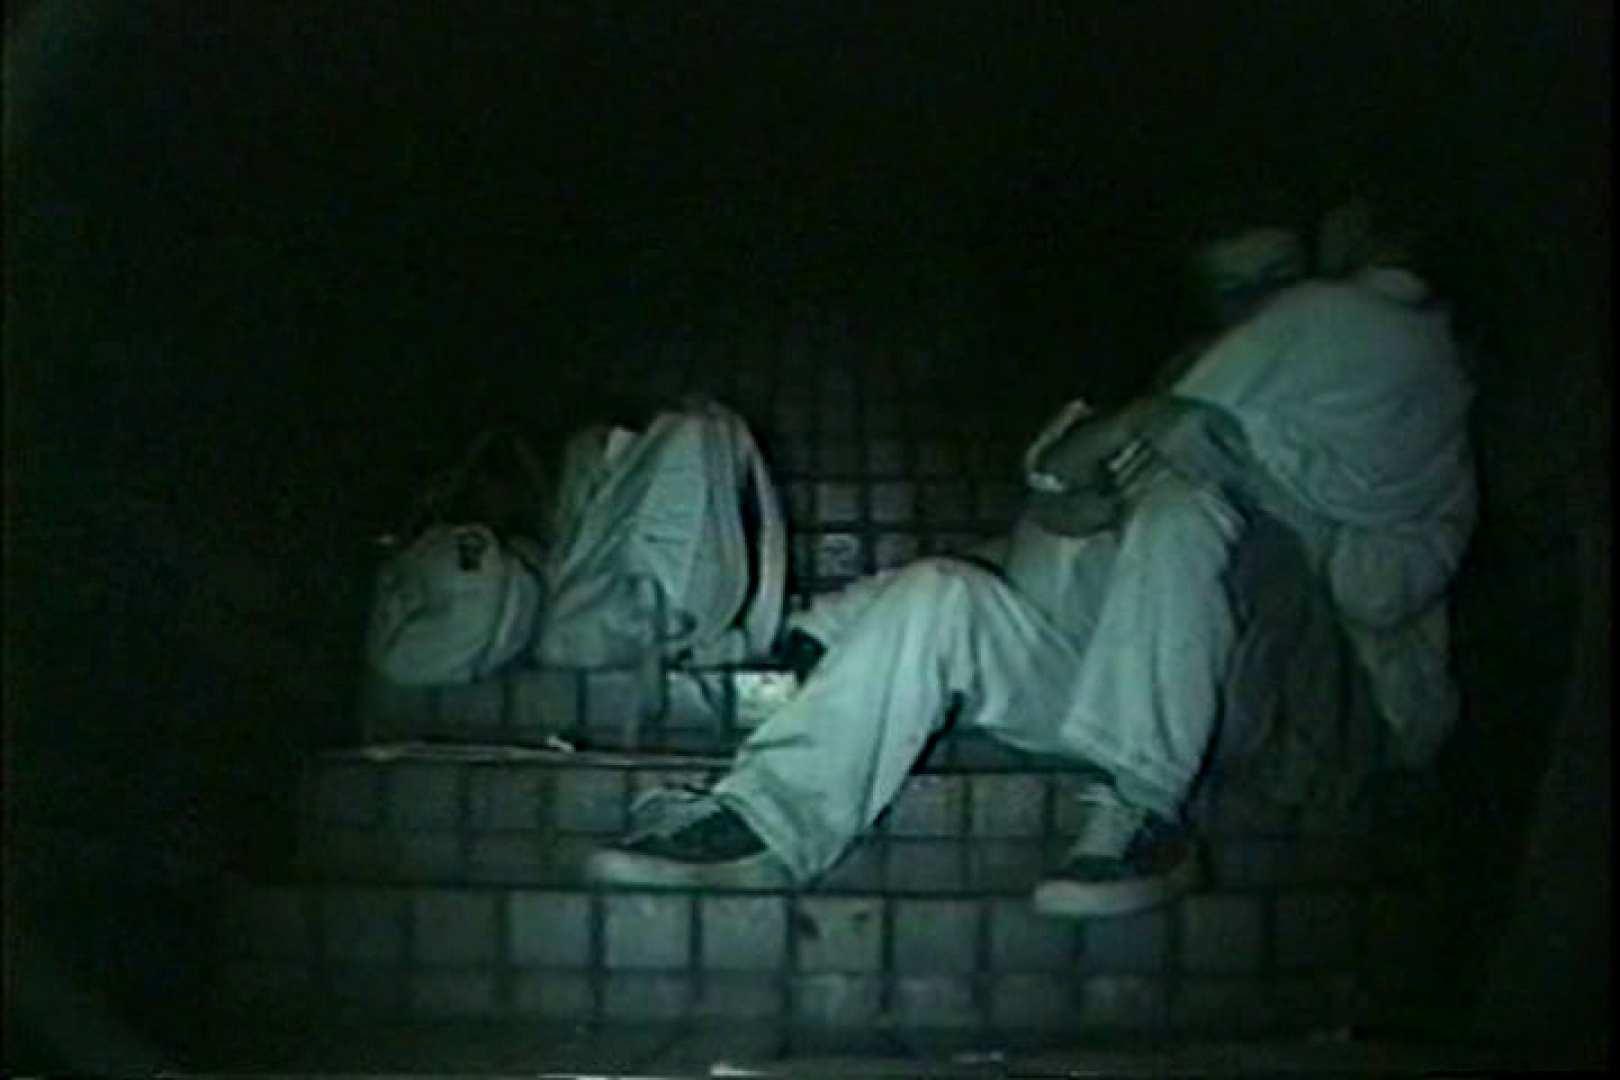 闇の仕掛け人 無修正版 Vol.17 セックス オマンコ動画キャプチャ 102pic 59